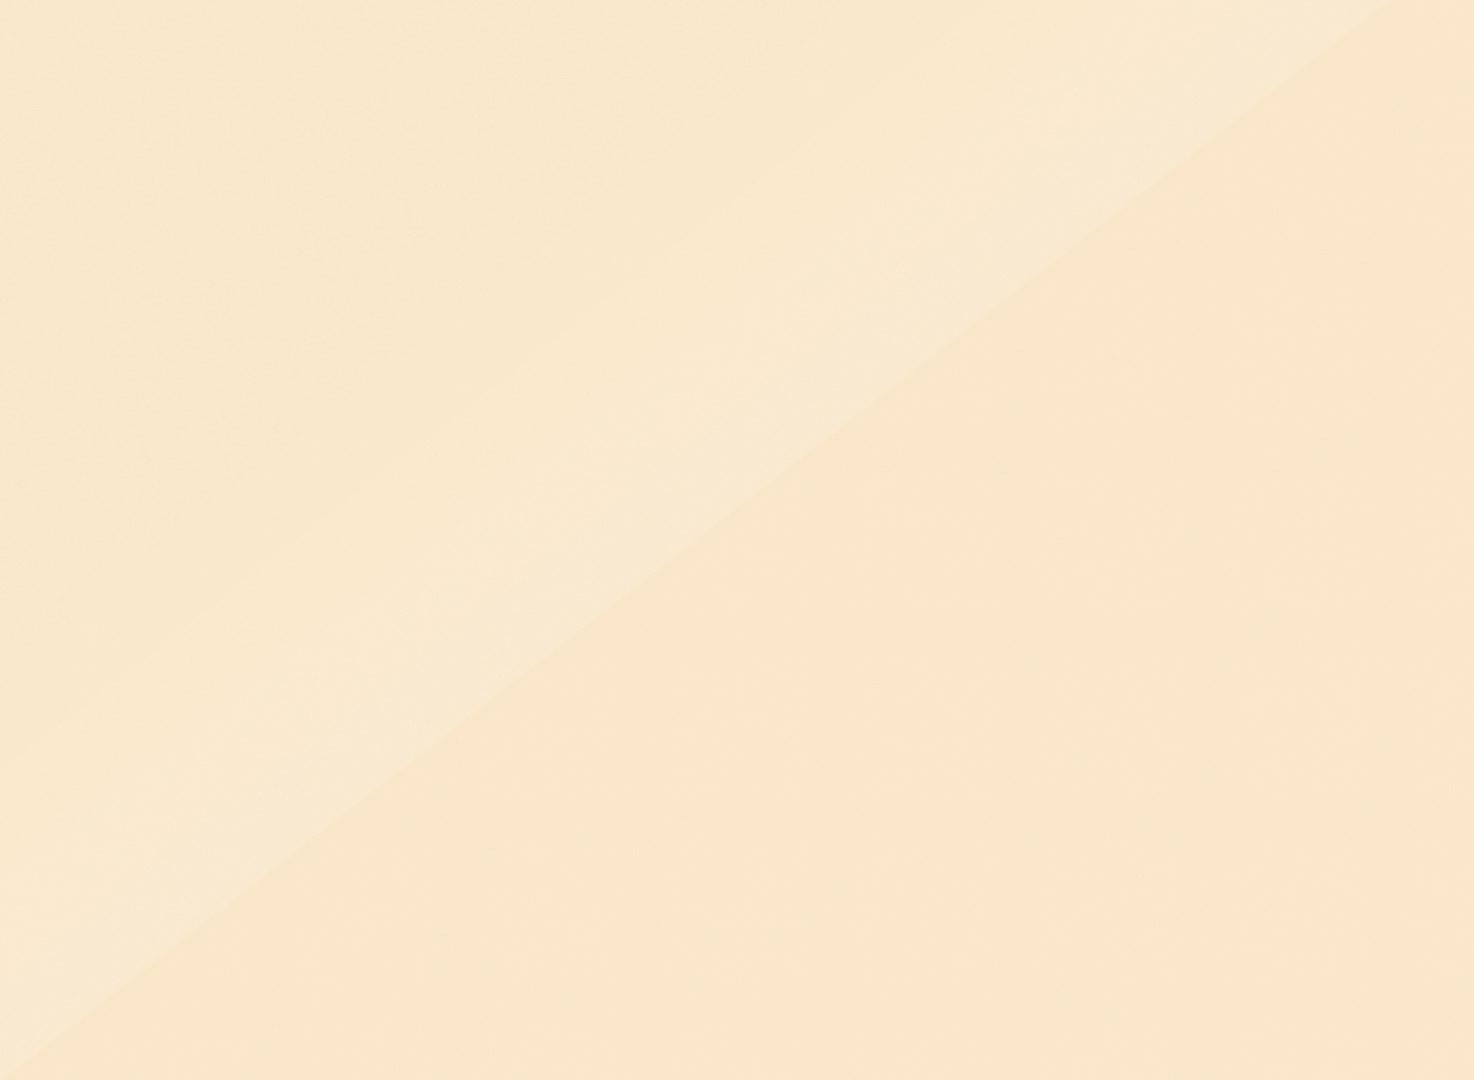 Бежевый цвет картинка бежевого цвета